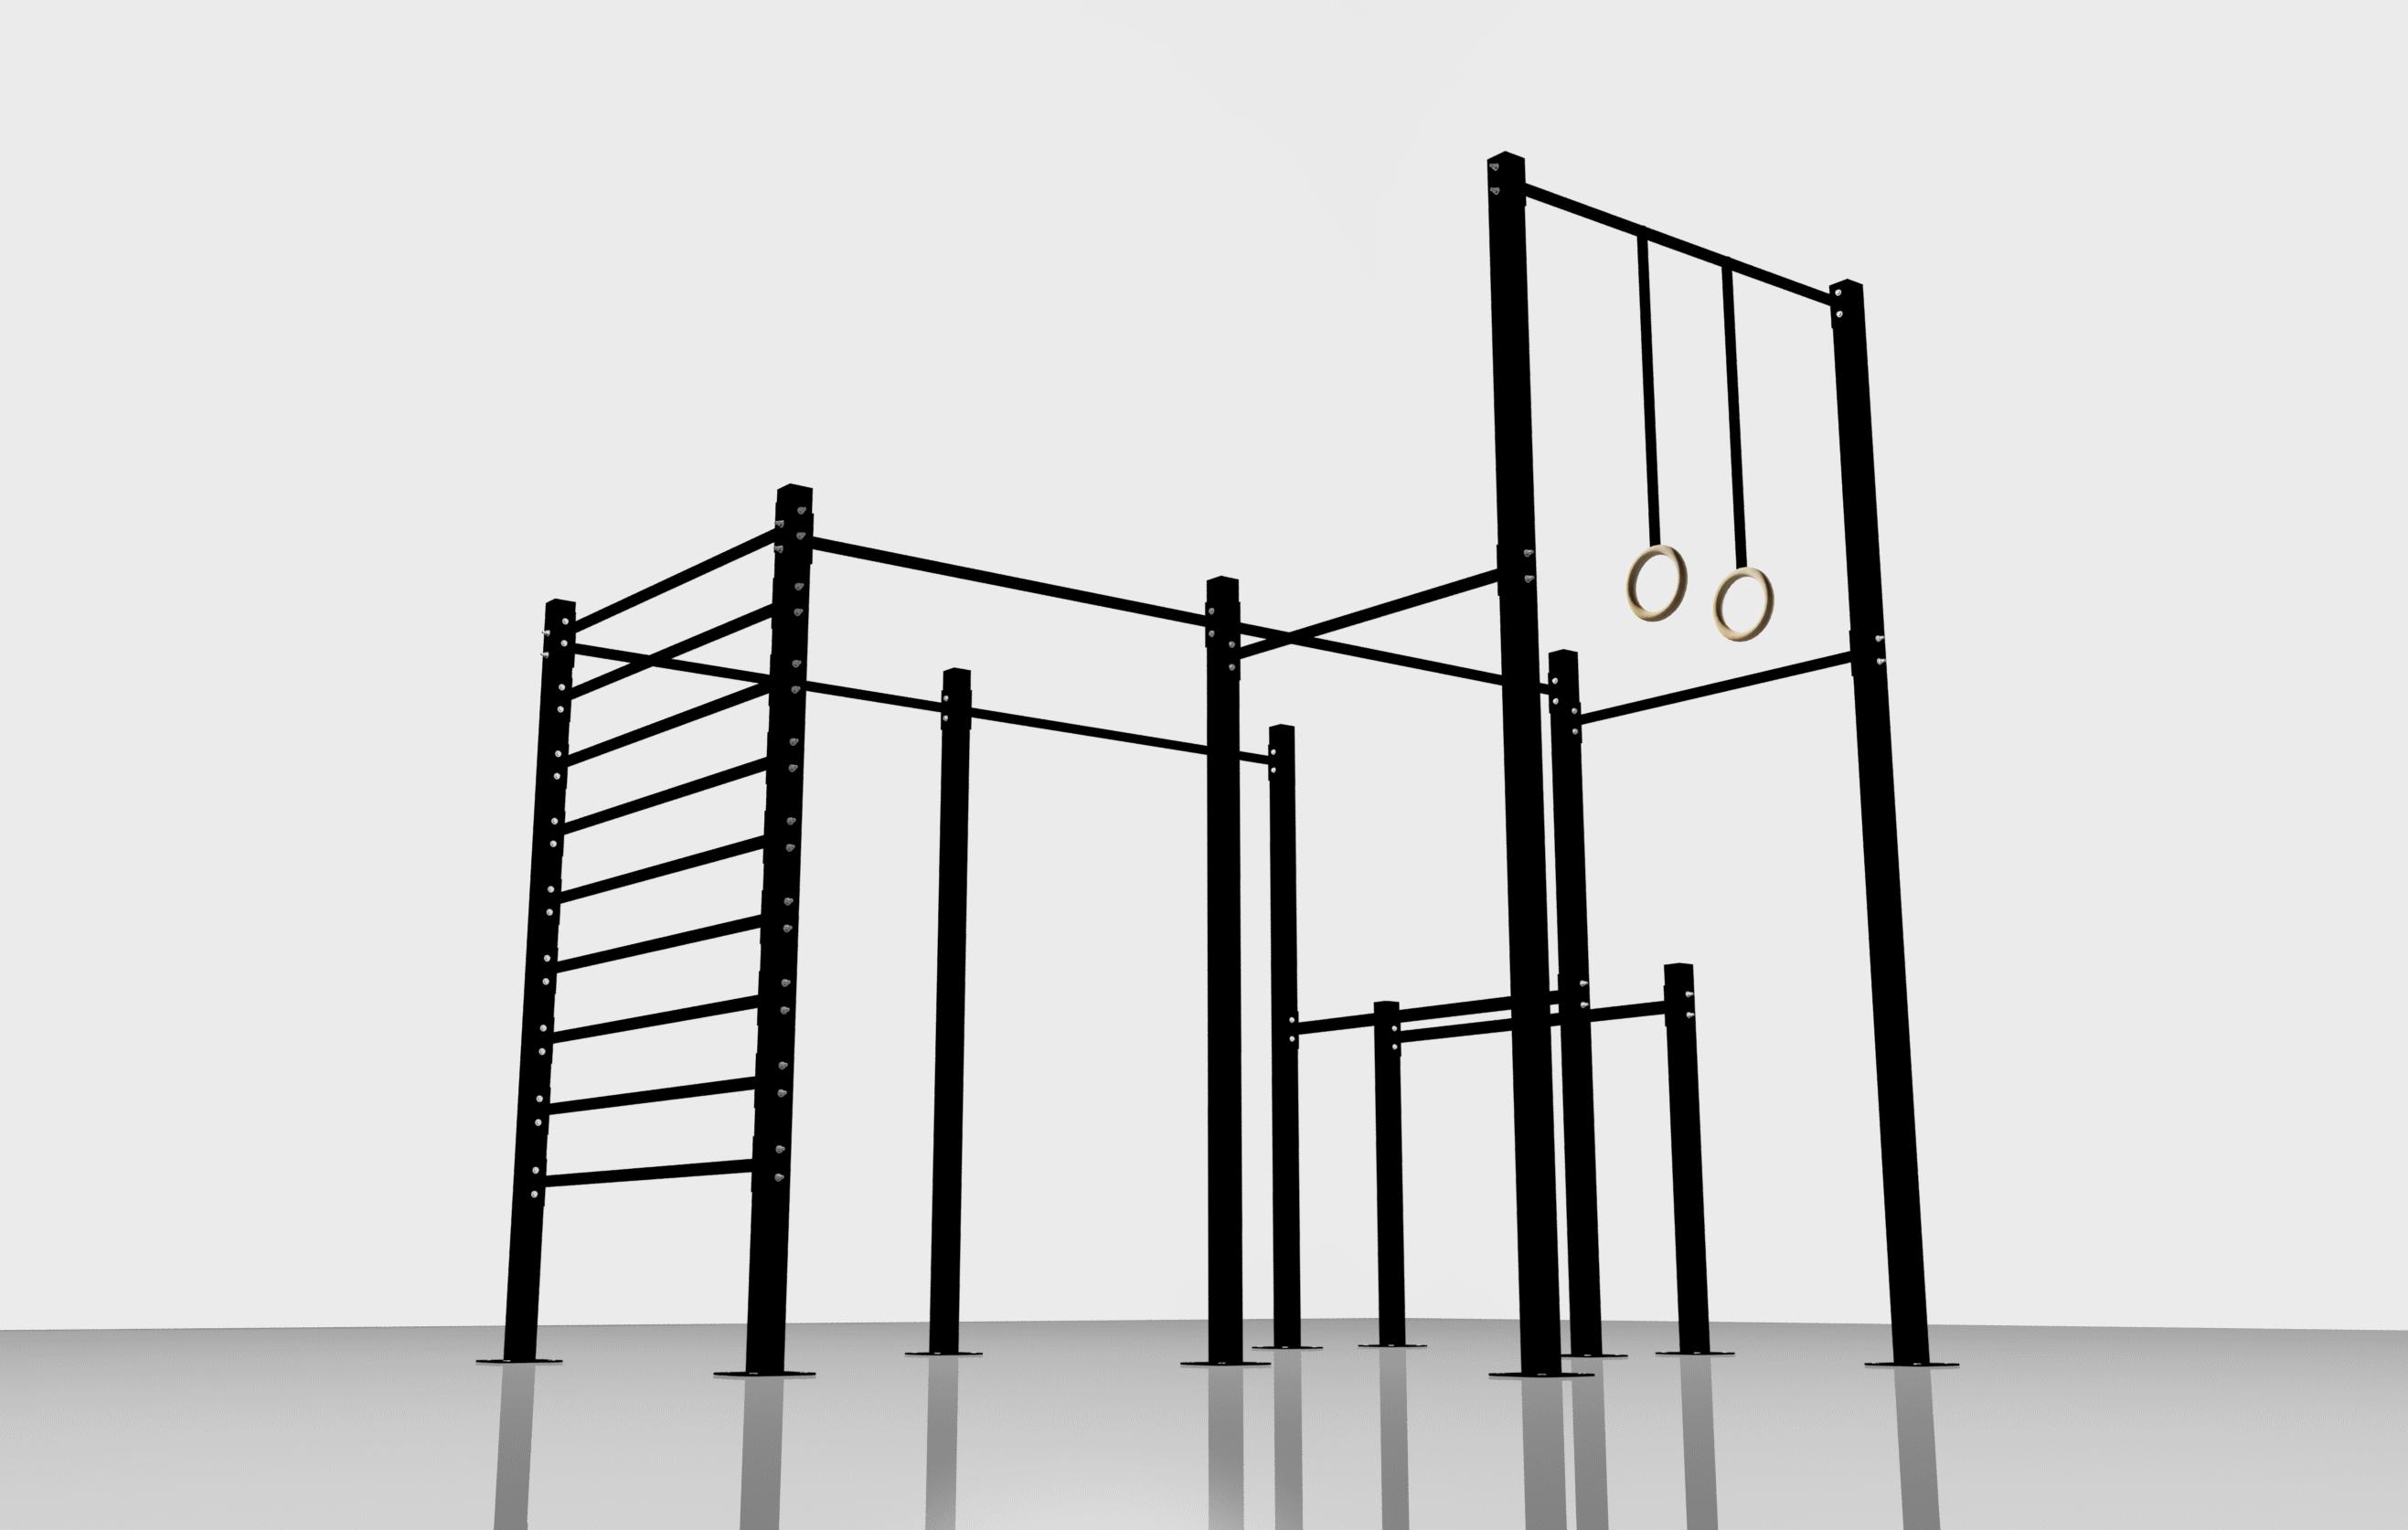 Racks jaulas y gimnasios para crossfit calistenia y - Material de gimnasio para casa ...